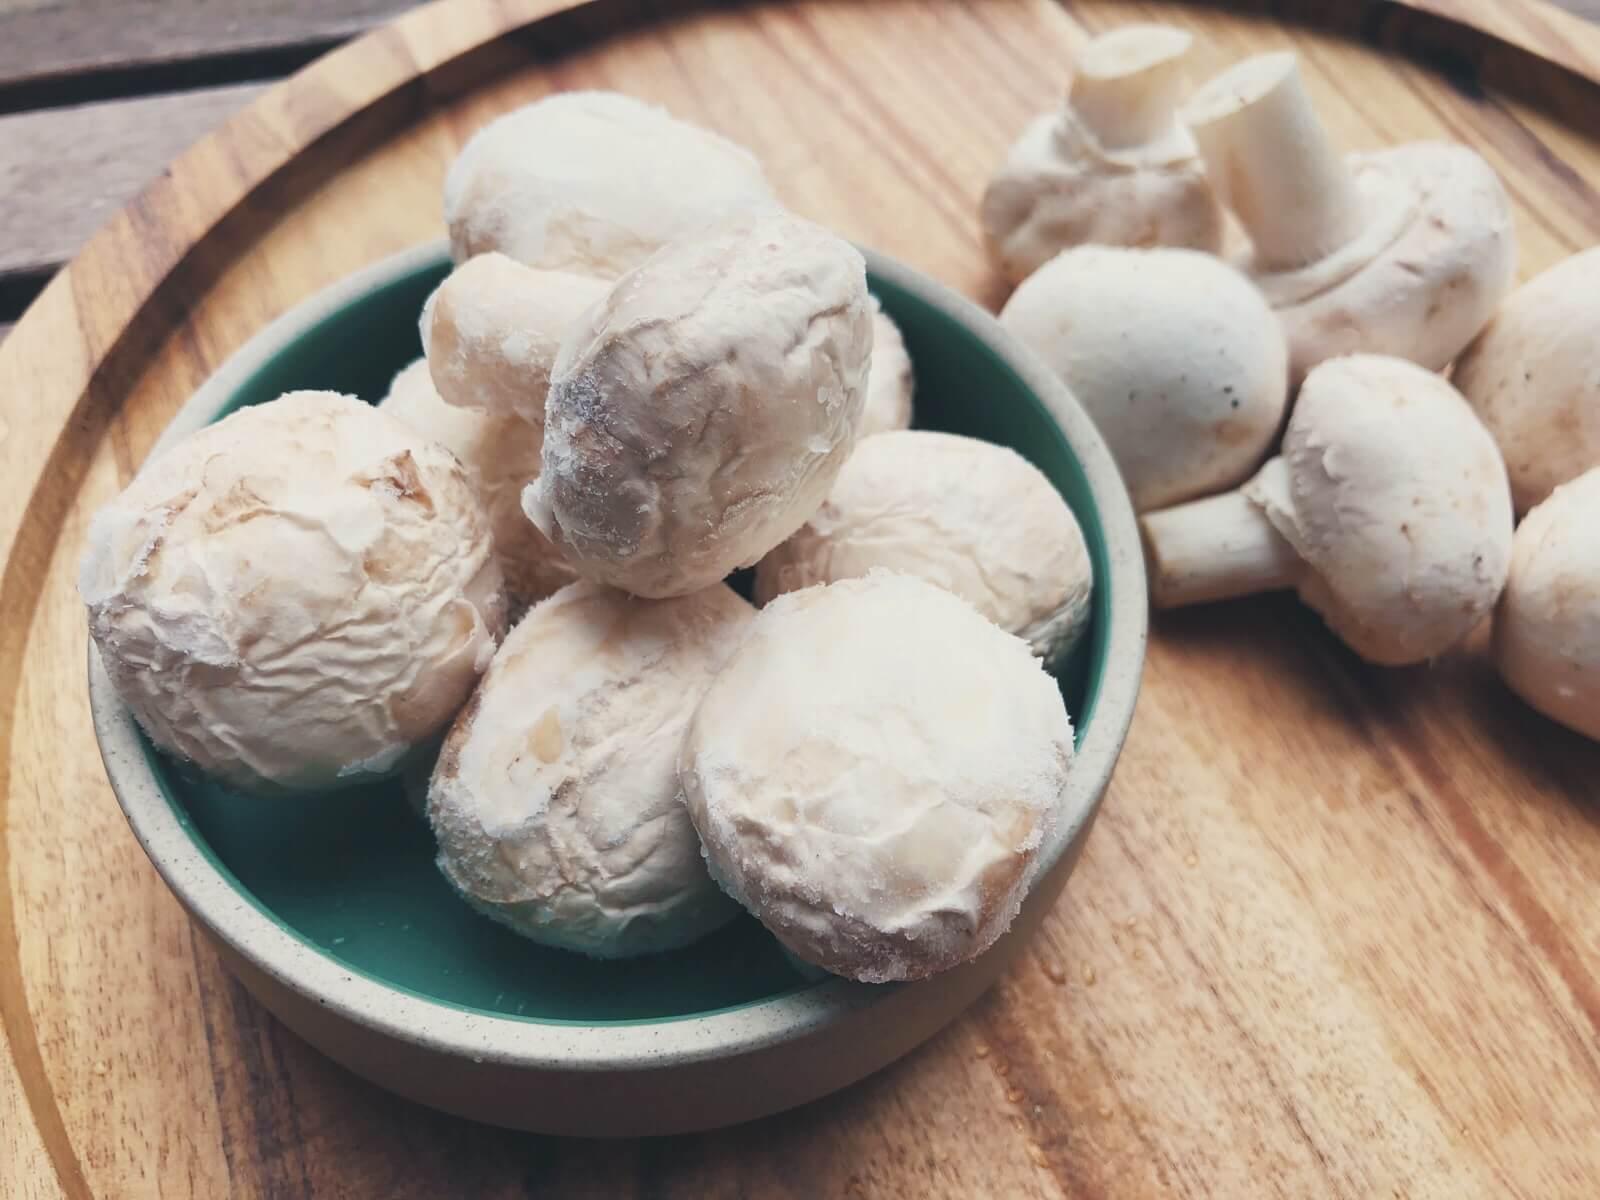 frosne svampe